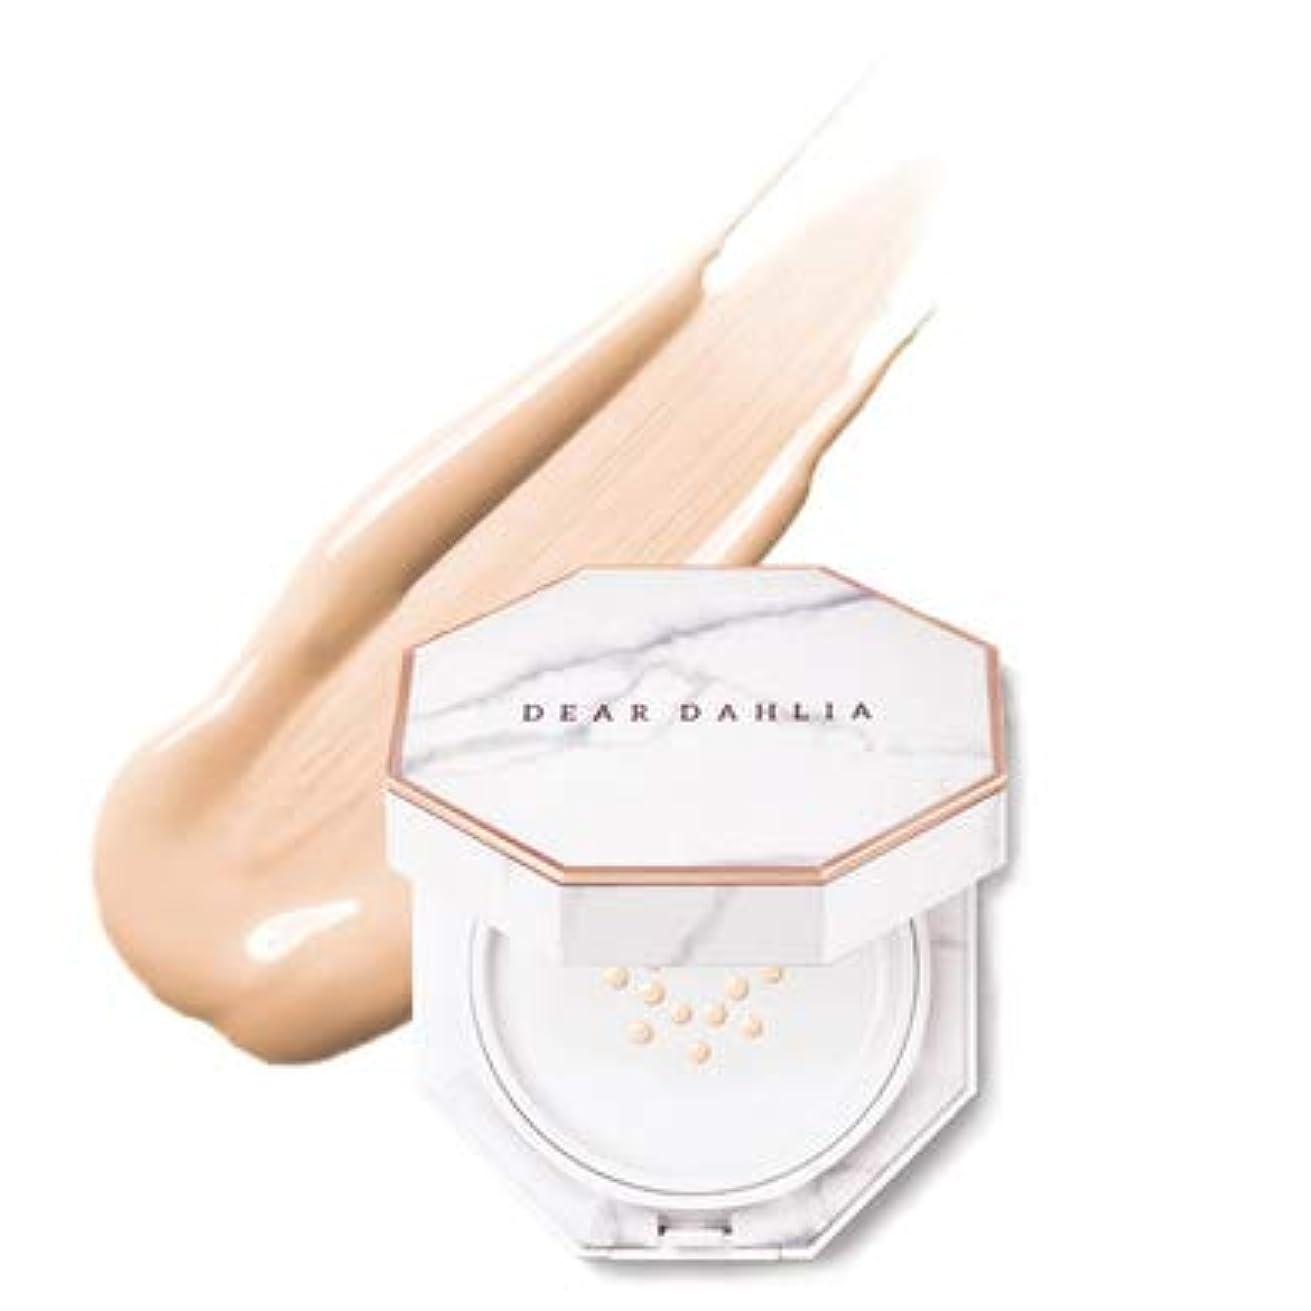 案件容器思いやりのある[ディアダリア] Dear Dahliaクッションファンデーション 14ml SPF35PA++ 海外直商品Skin Paradise Blooming Cushion (NATURAL BEIGE)